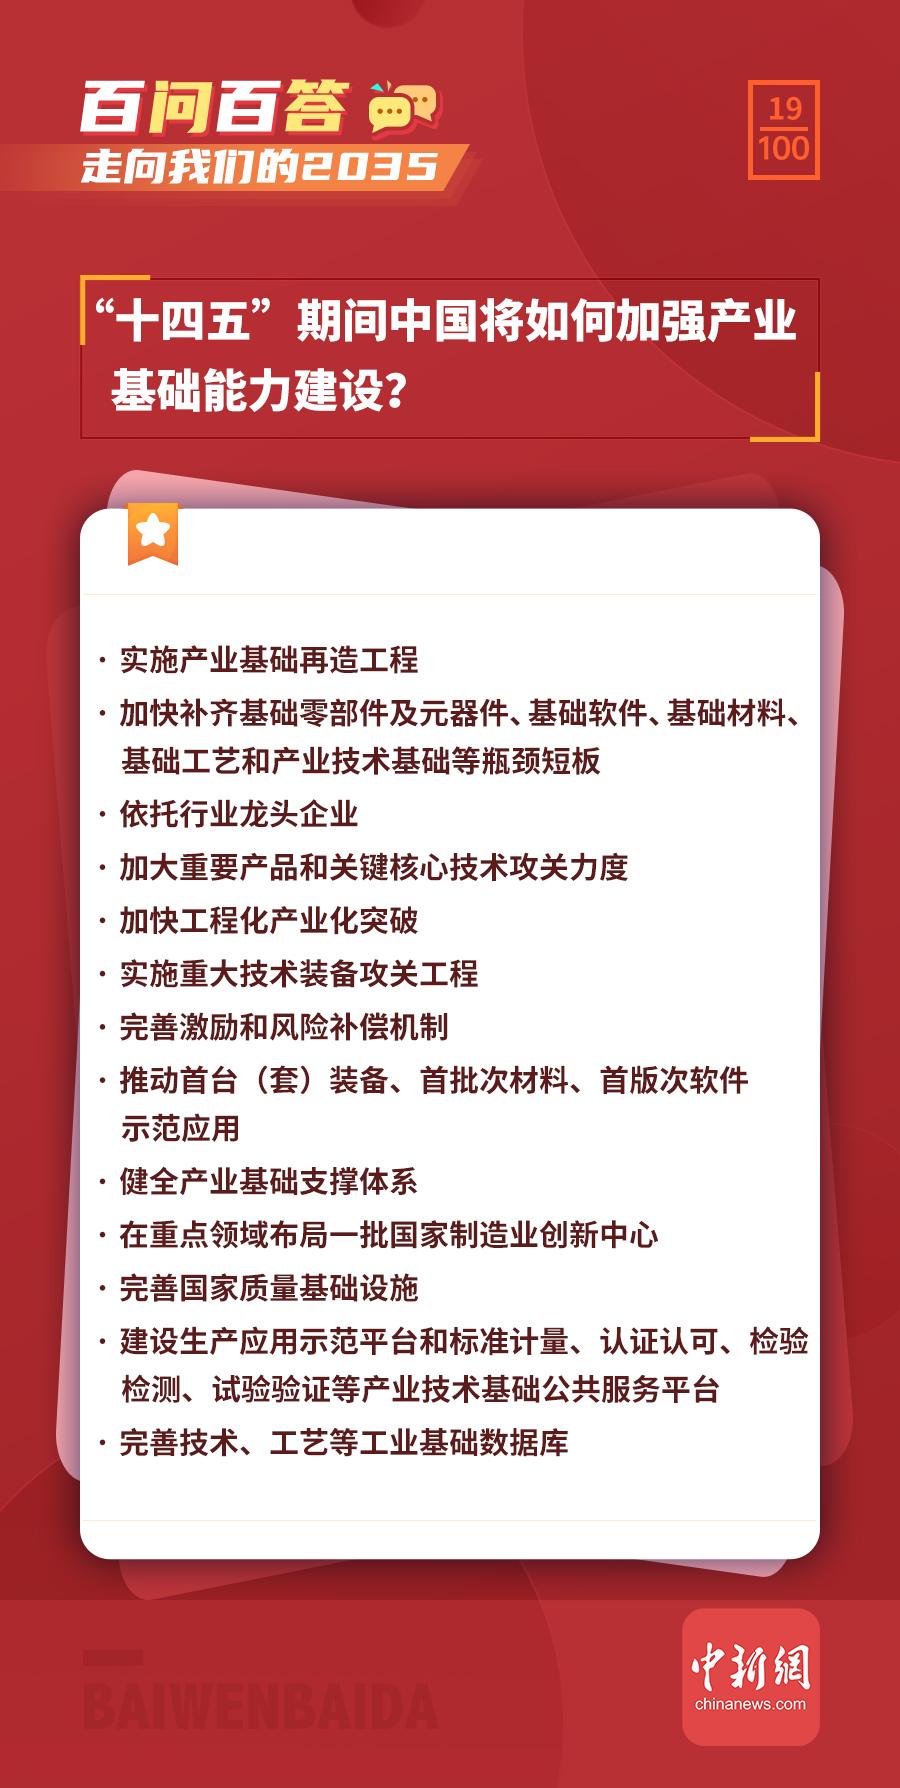 """【走向我们的2035·百问百答】""""十四五""""期间中国将如何加强产业基础能力建设?"""